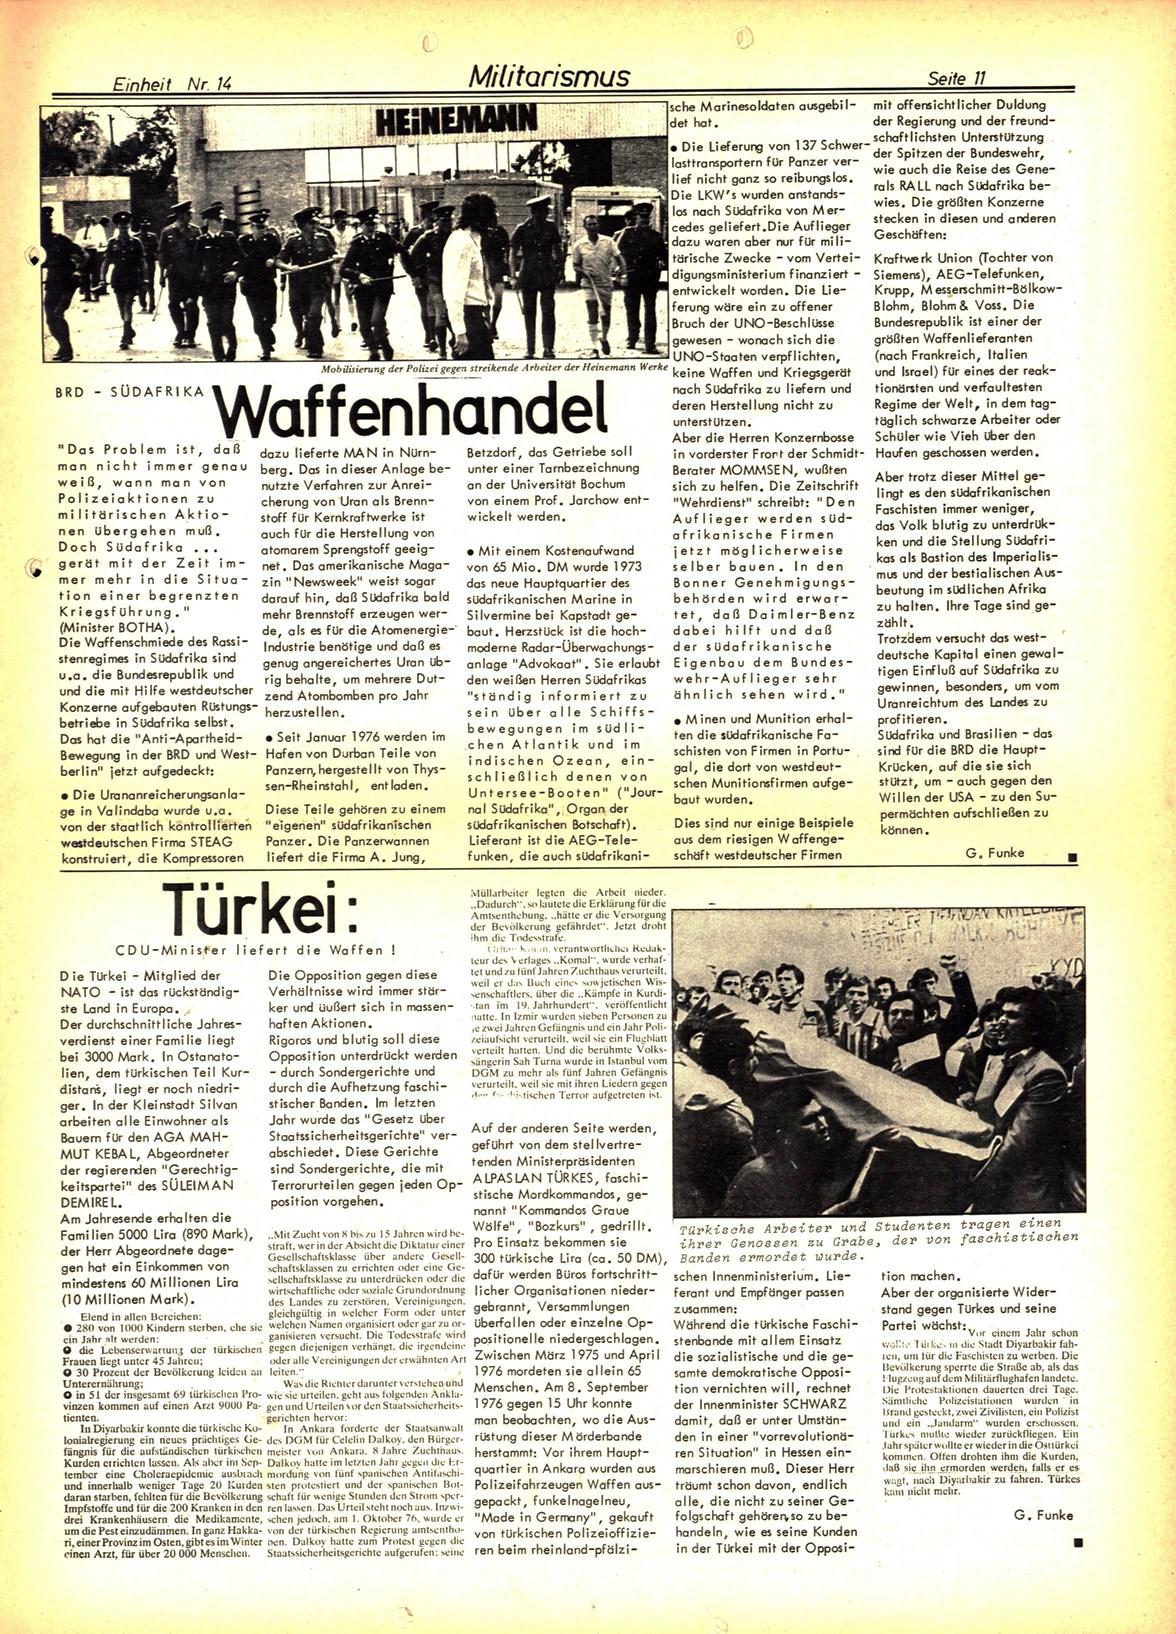 Koeln_IPdA_Einheit_1977_014_011